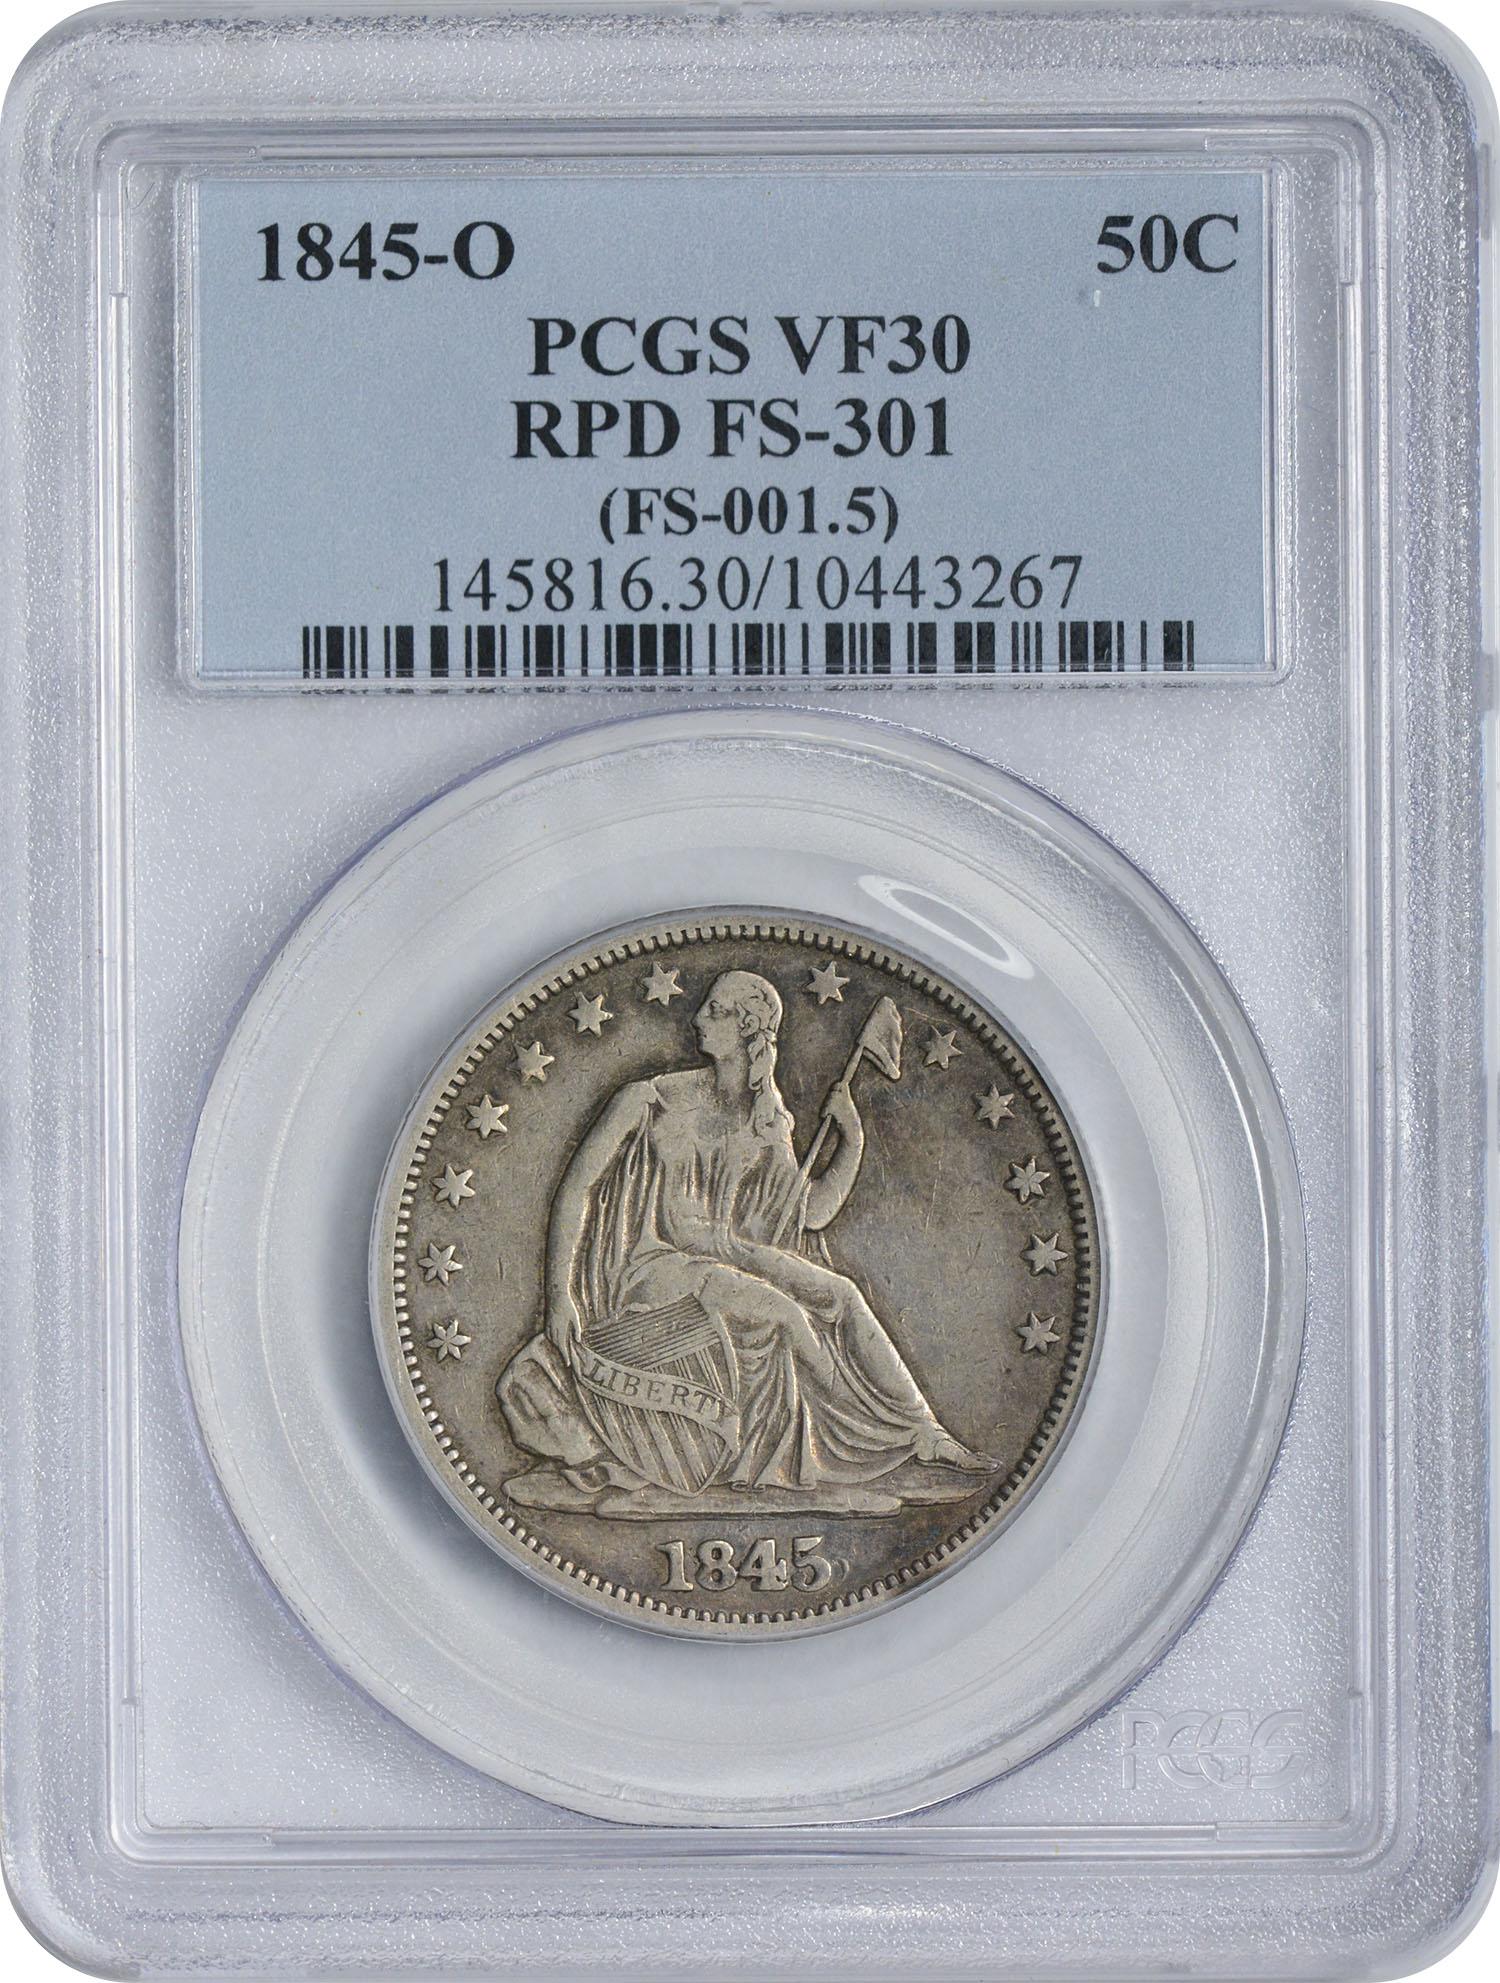 1845-O Liberty Seated Silver Half Dollar RPD FS-301 VF30 PCGS